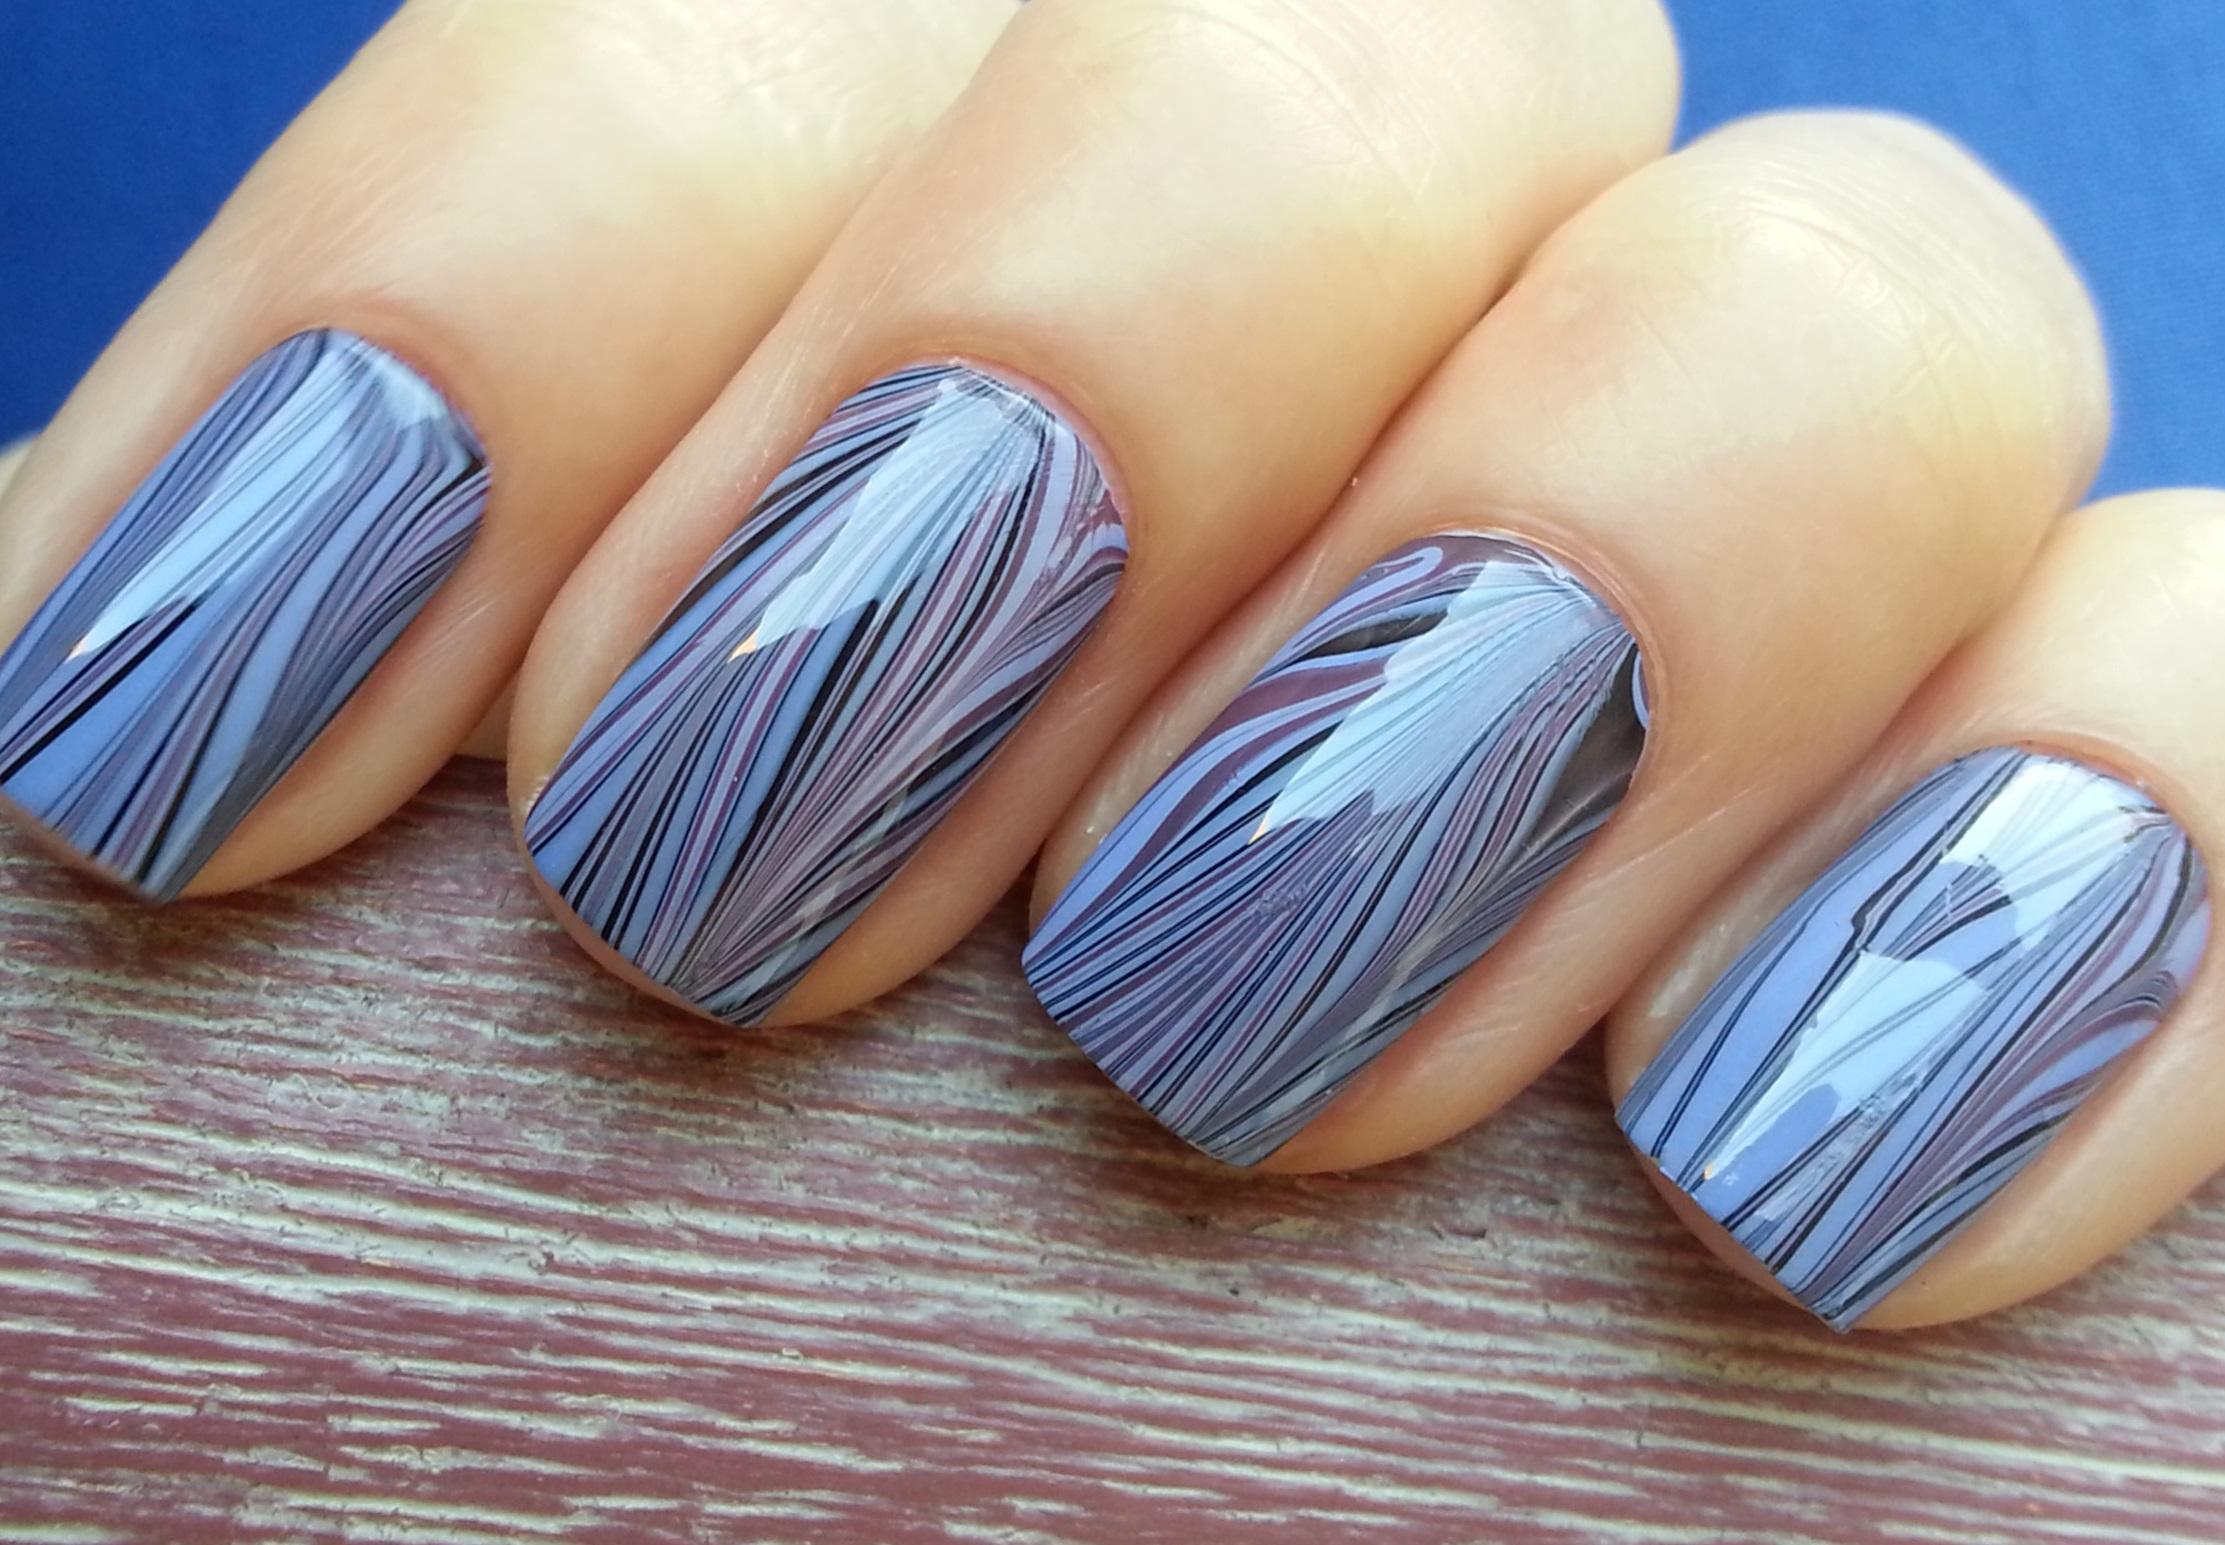 Полосатый водный маникюр в серо-голубом цвете Красивый маникюр. Тренды новогоднего маникюра.